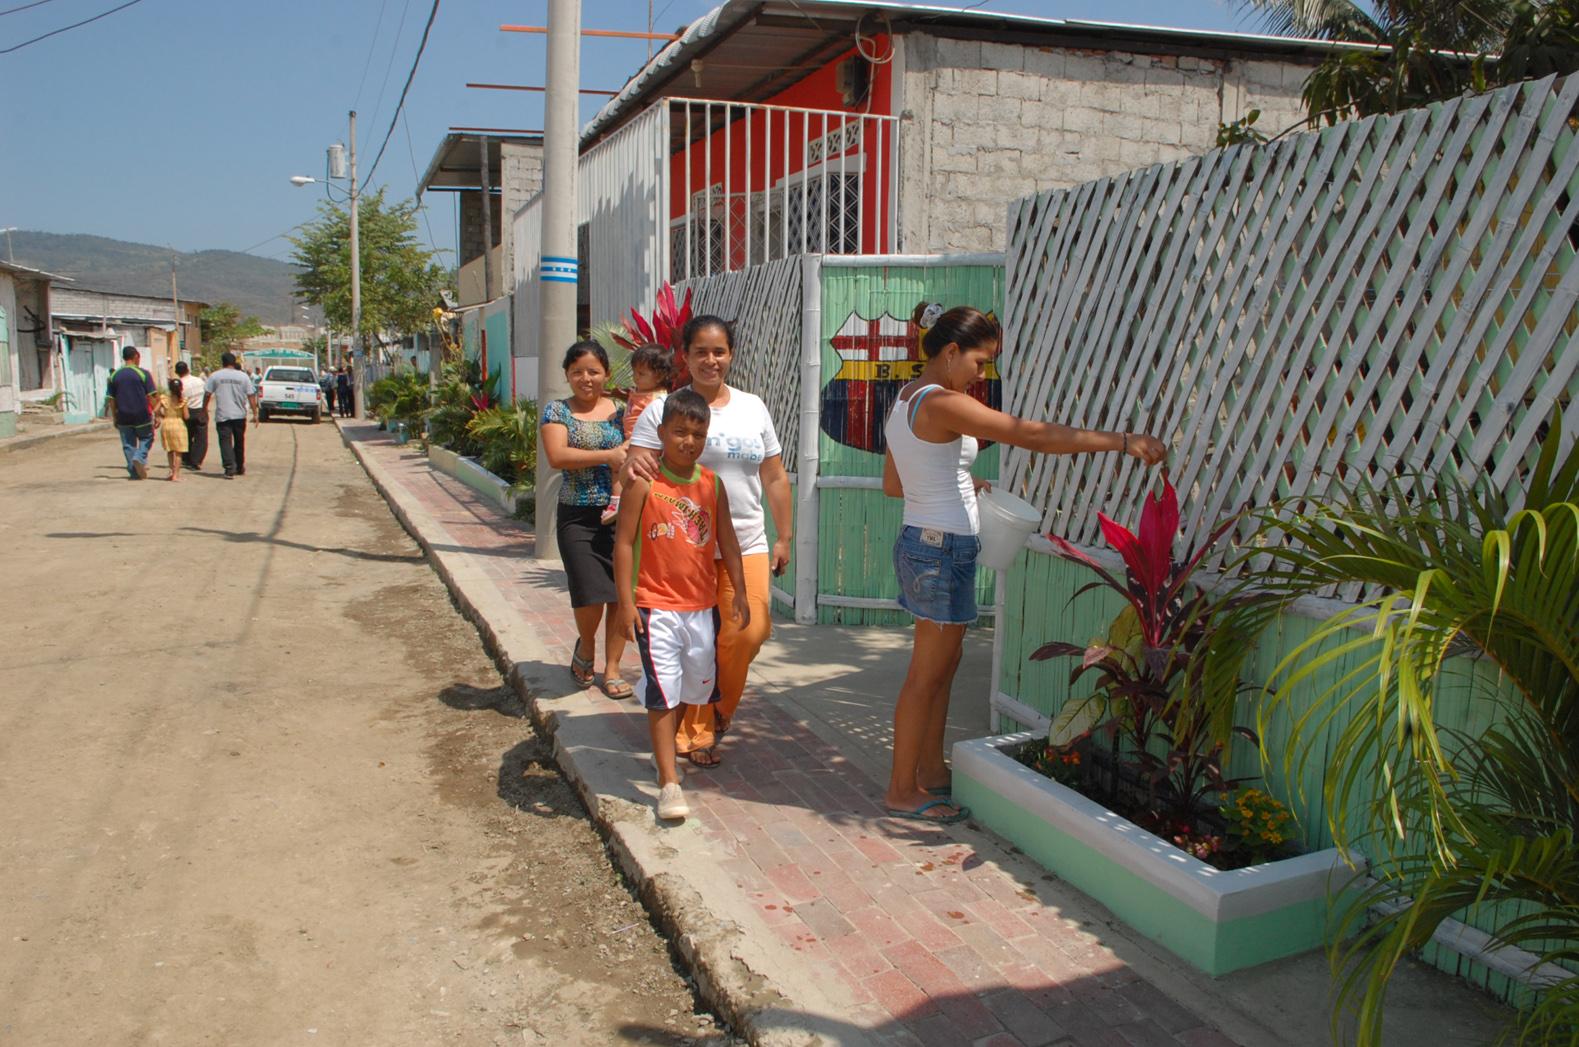 Blog municipio de guayaquil cerr for Casas municipio guayaquil